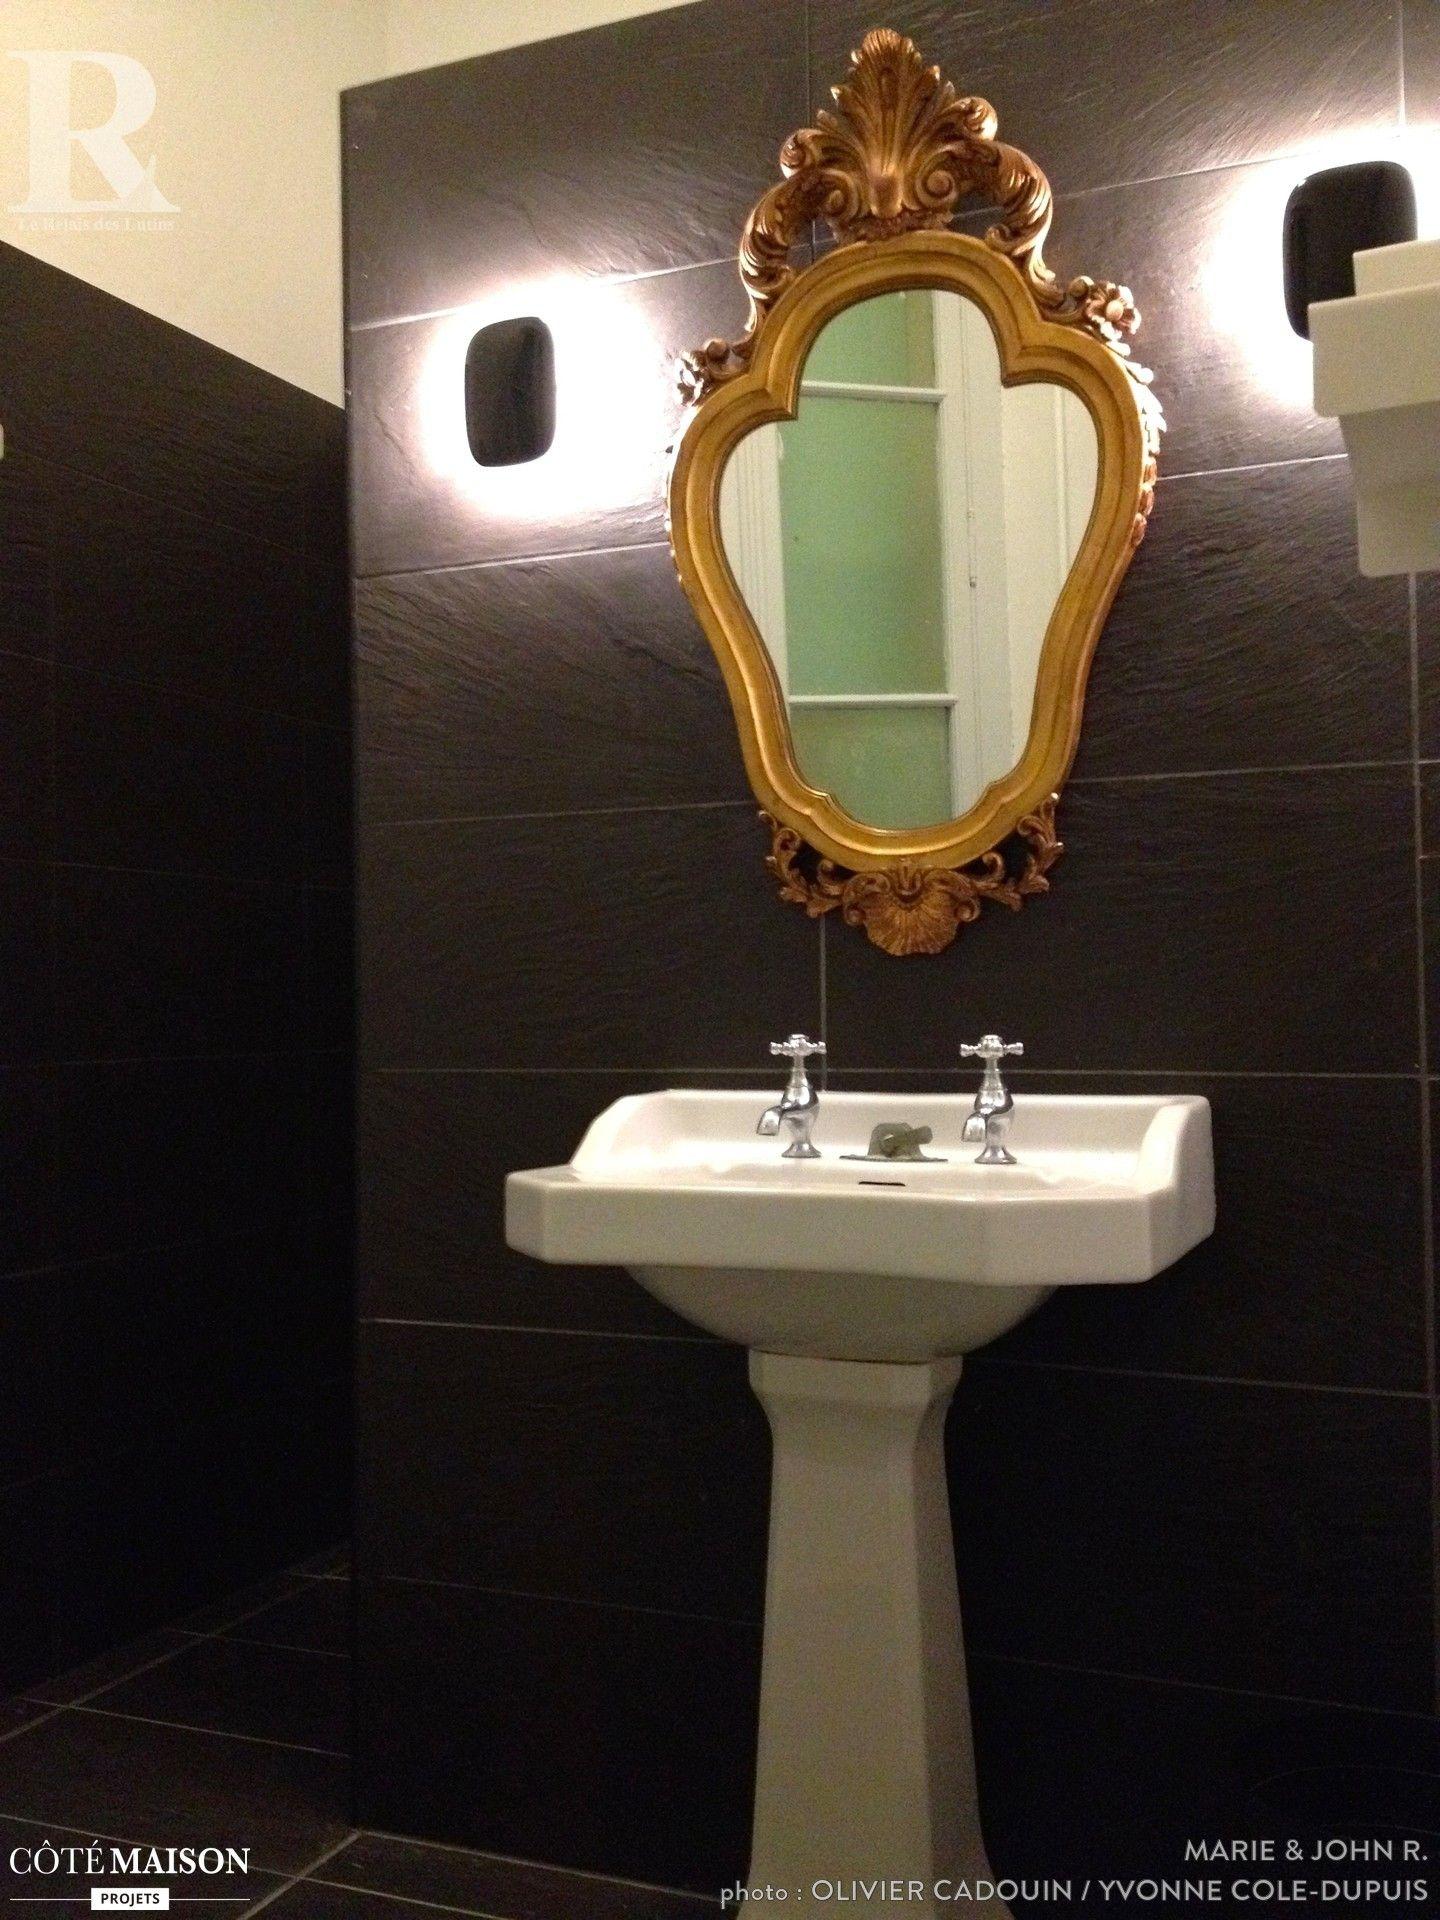 miroir dorà à l ancienne qui rà hausse l ambiance de cette salle de